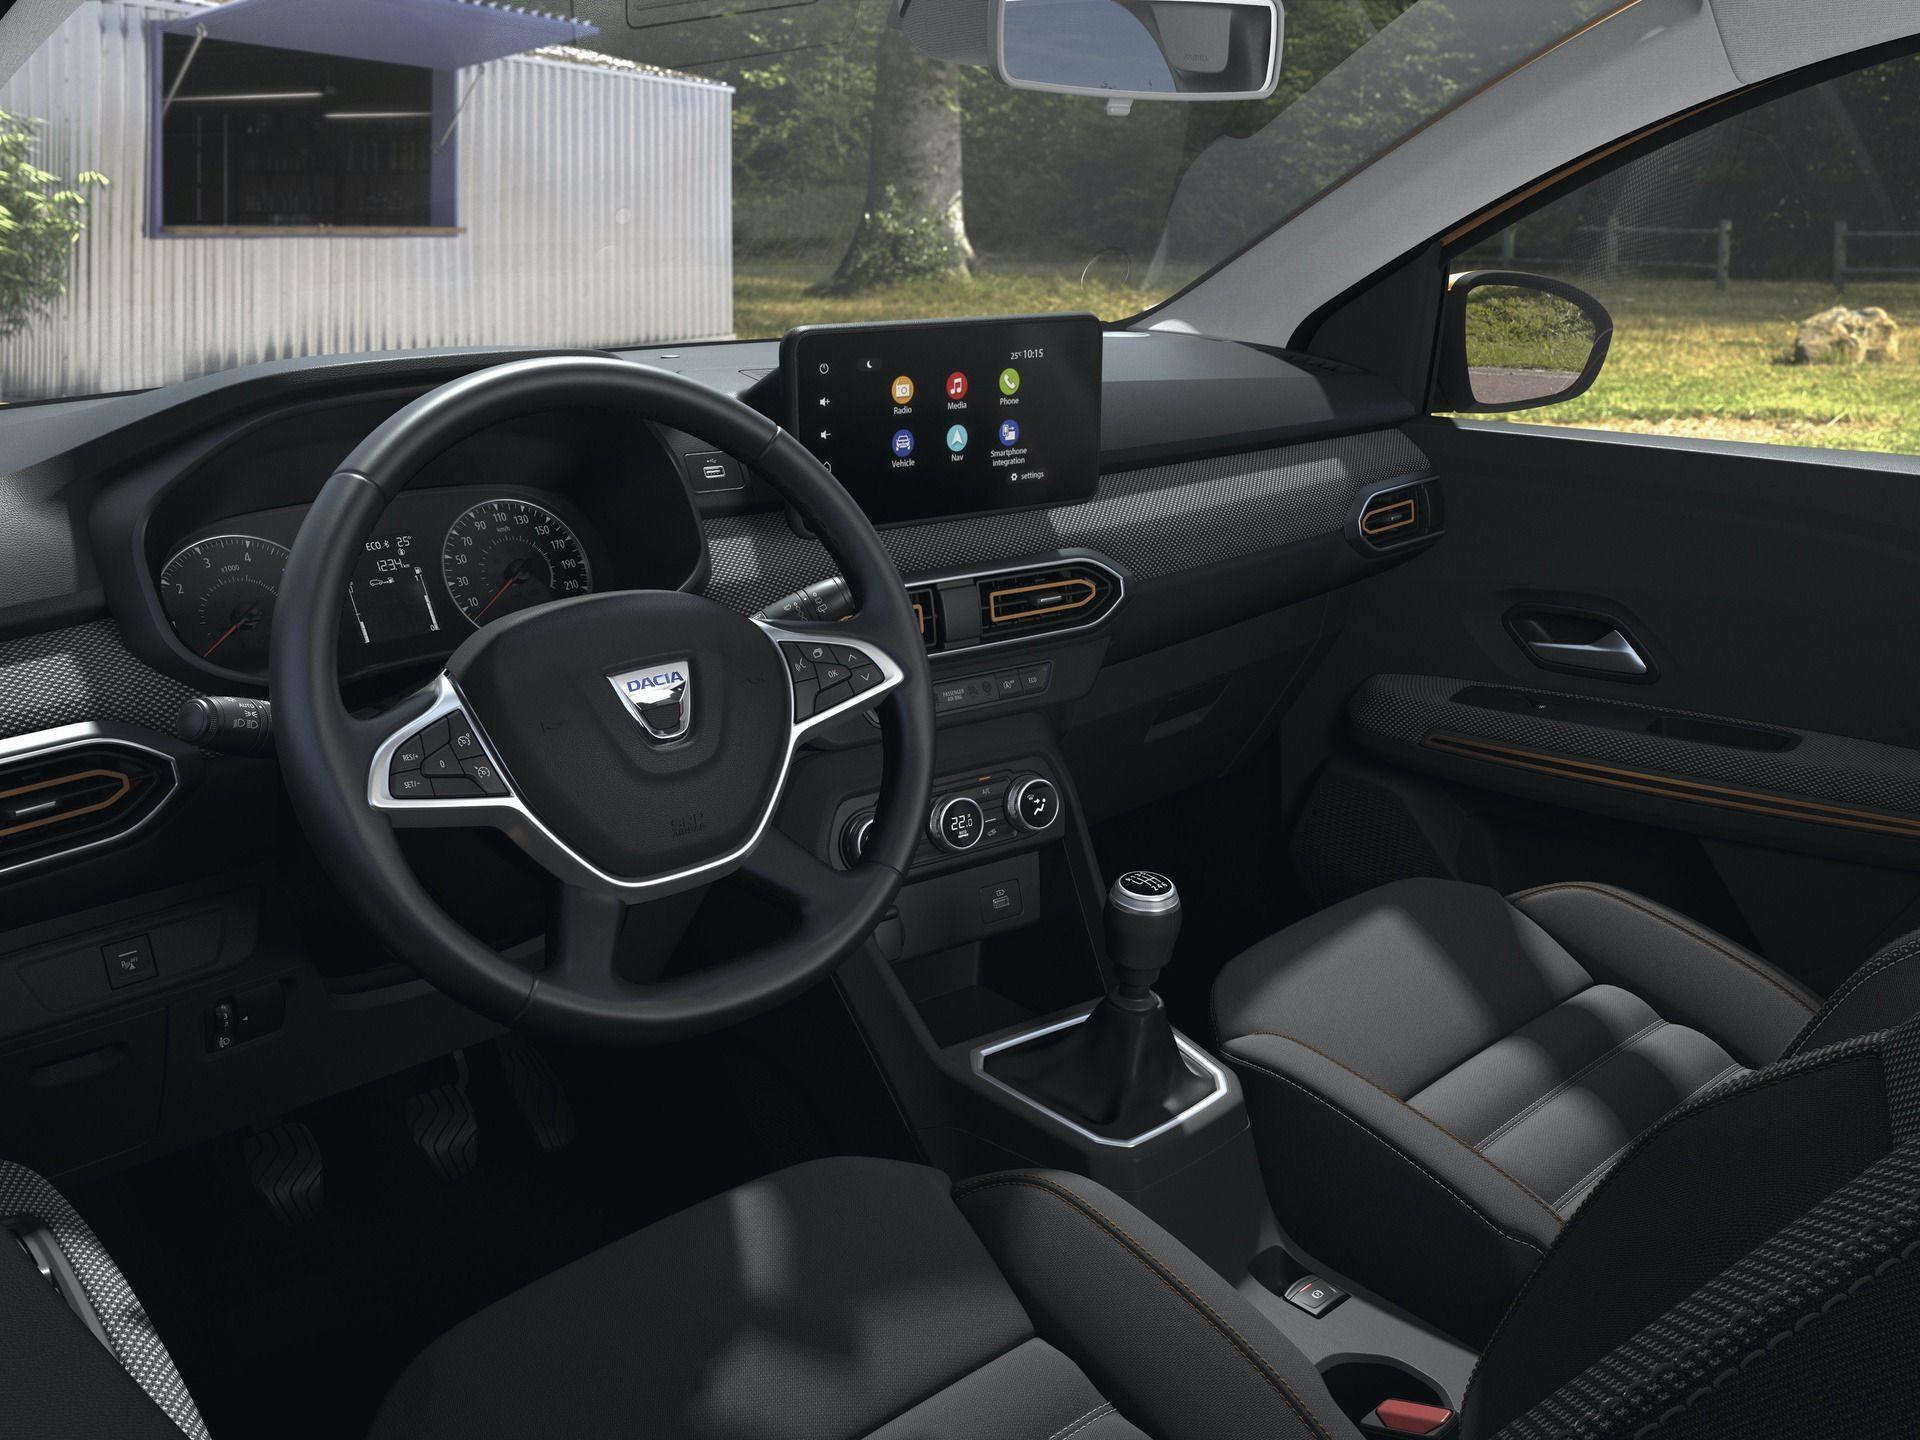 2020_Dacia_Sandero_Stepway_0030